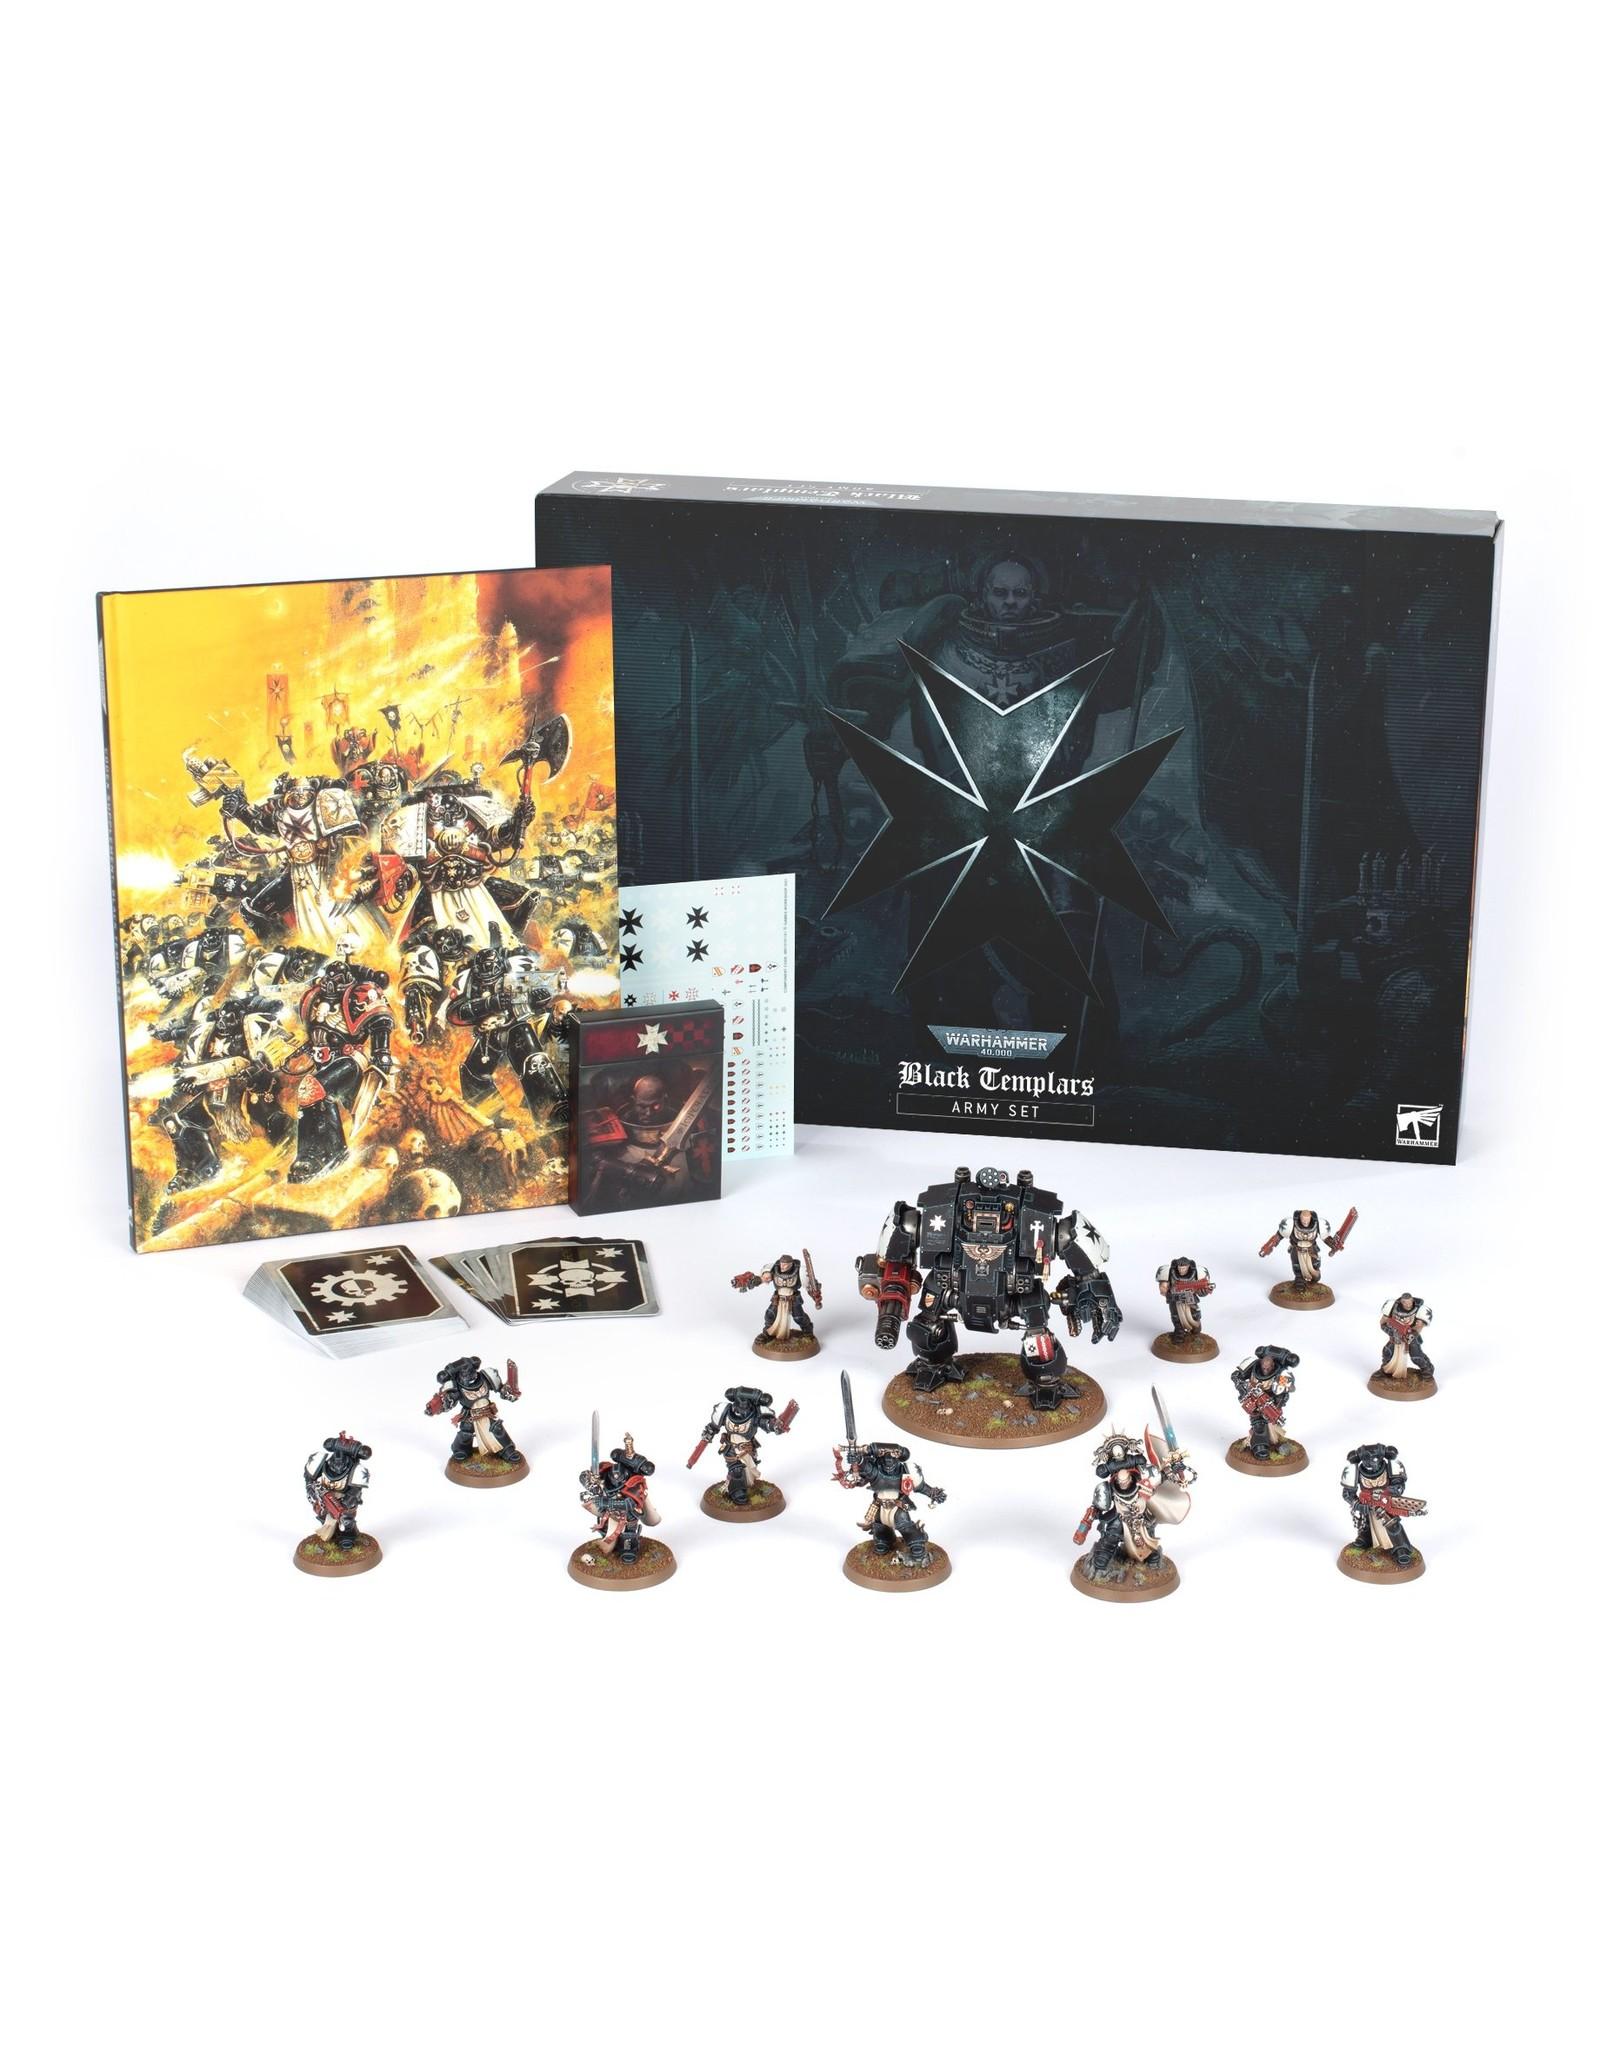 Warhammer 40K Black Templars Army Set (English)